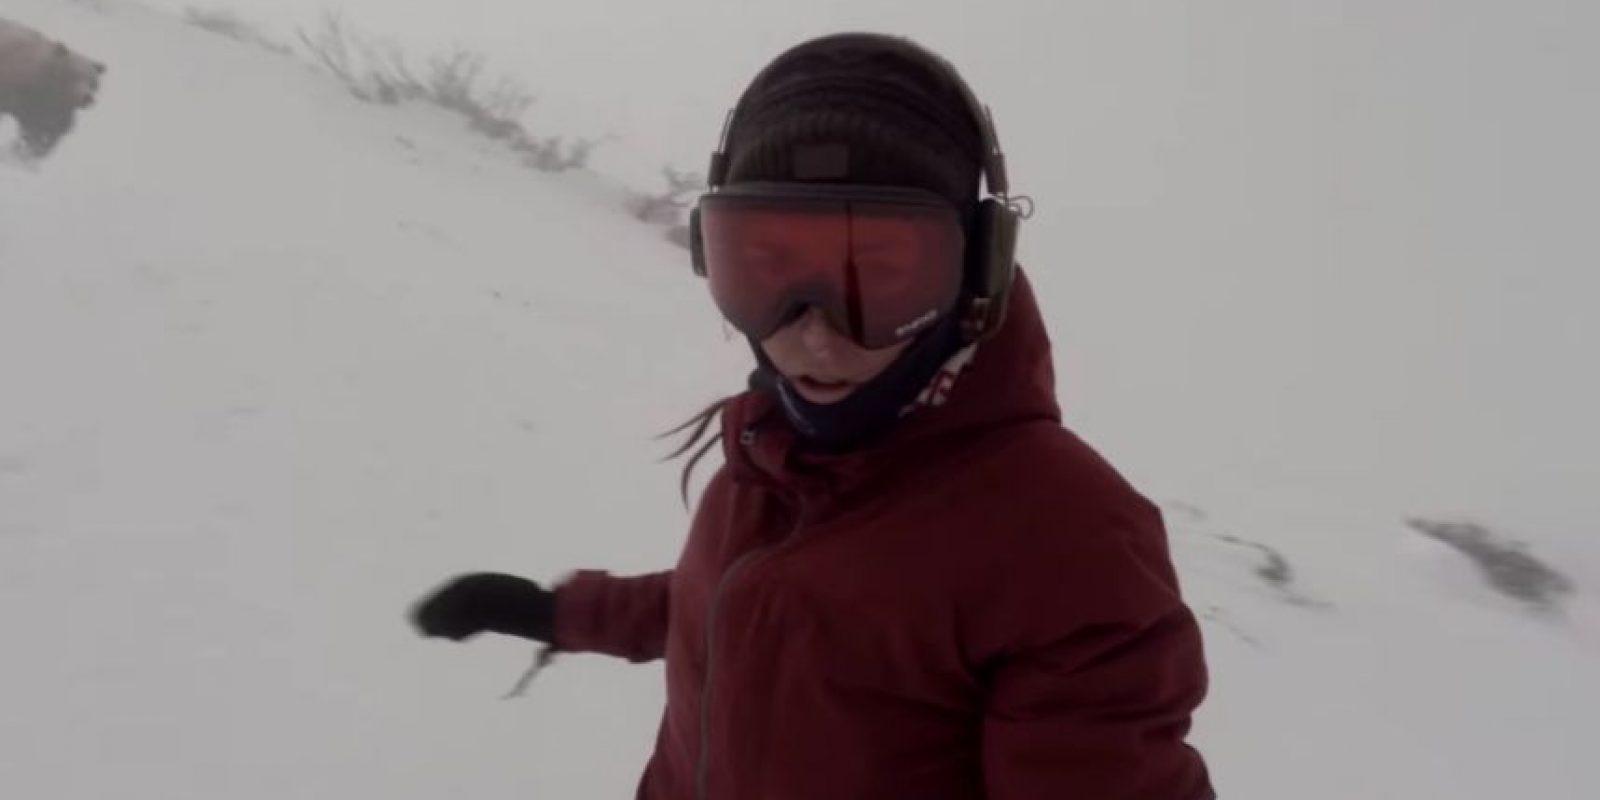 Kelly Murphy se encontraba practicando snowboard cuando decidió tomar su selfie stick y grabar su descenso, lo que no espero es que la seguiría un oso. Foto:Youtube